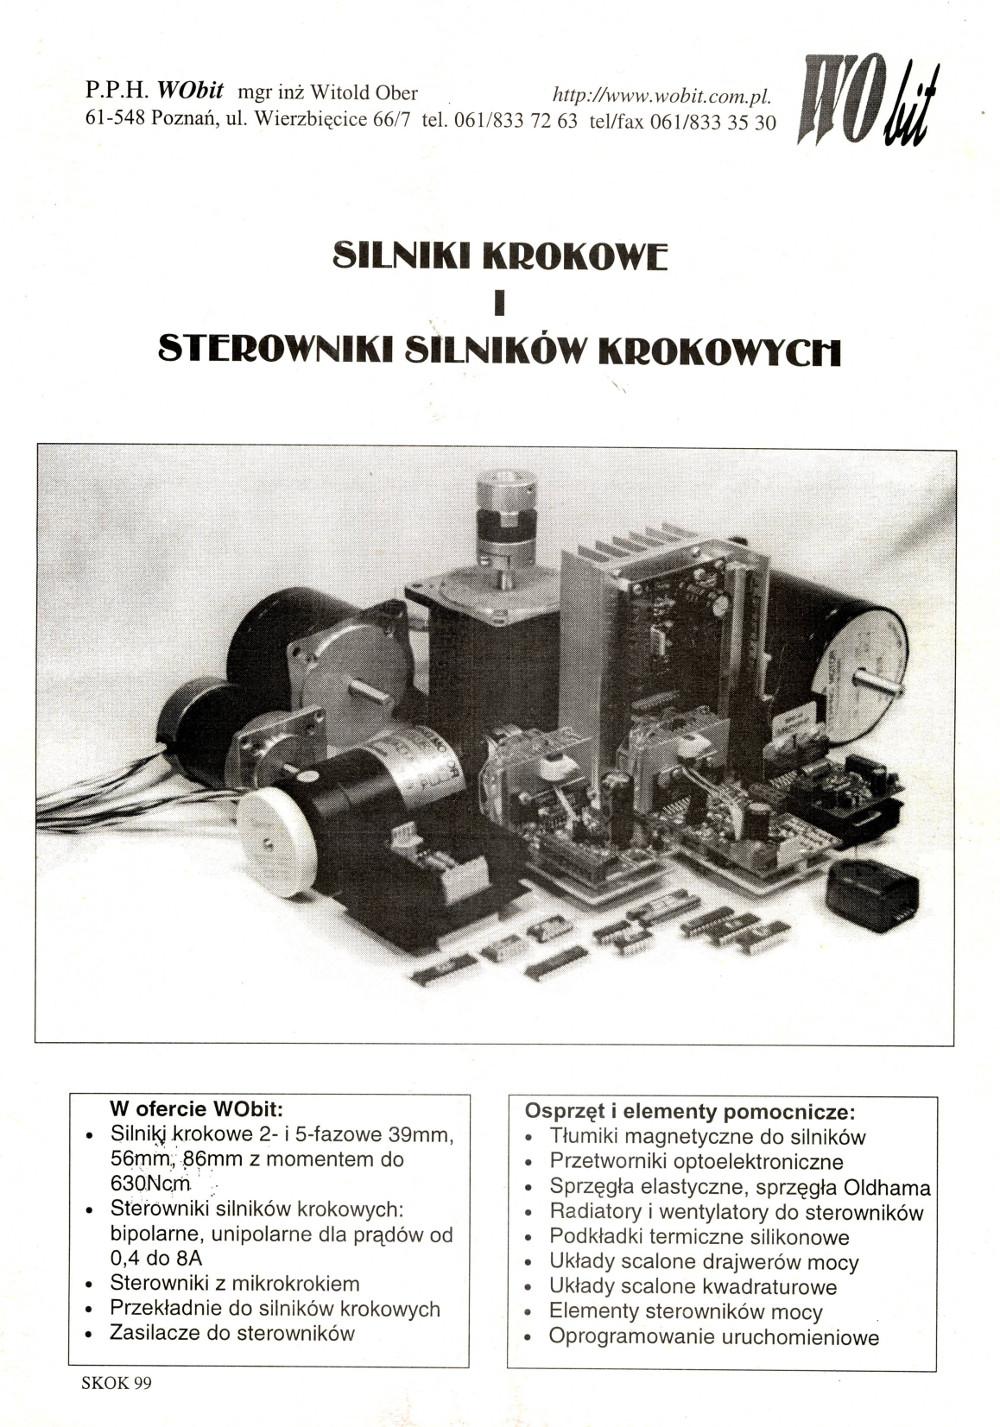 Pierwszy katalog silników krokowych i sterowników – 60-stronicowy katalog silników krokowych z opisem podstaw funkcjonowania silników i sterowników mikroprocesorowych własnej produkcji. Stanowił on pierwszą i jedyną taką publikację firmową na polskim rynku. Od początku działalności firmy kładziony był silny nacisk na dzielenie się specjalistyczną wiedzą, stąd katalog był z jednej strony podręcznikiem, a z drugiej ofertą handlową.